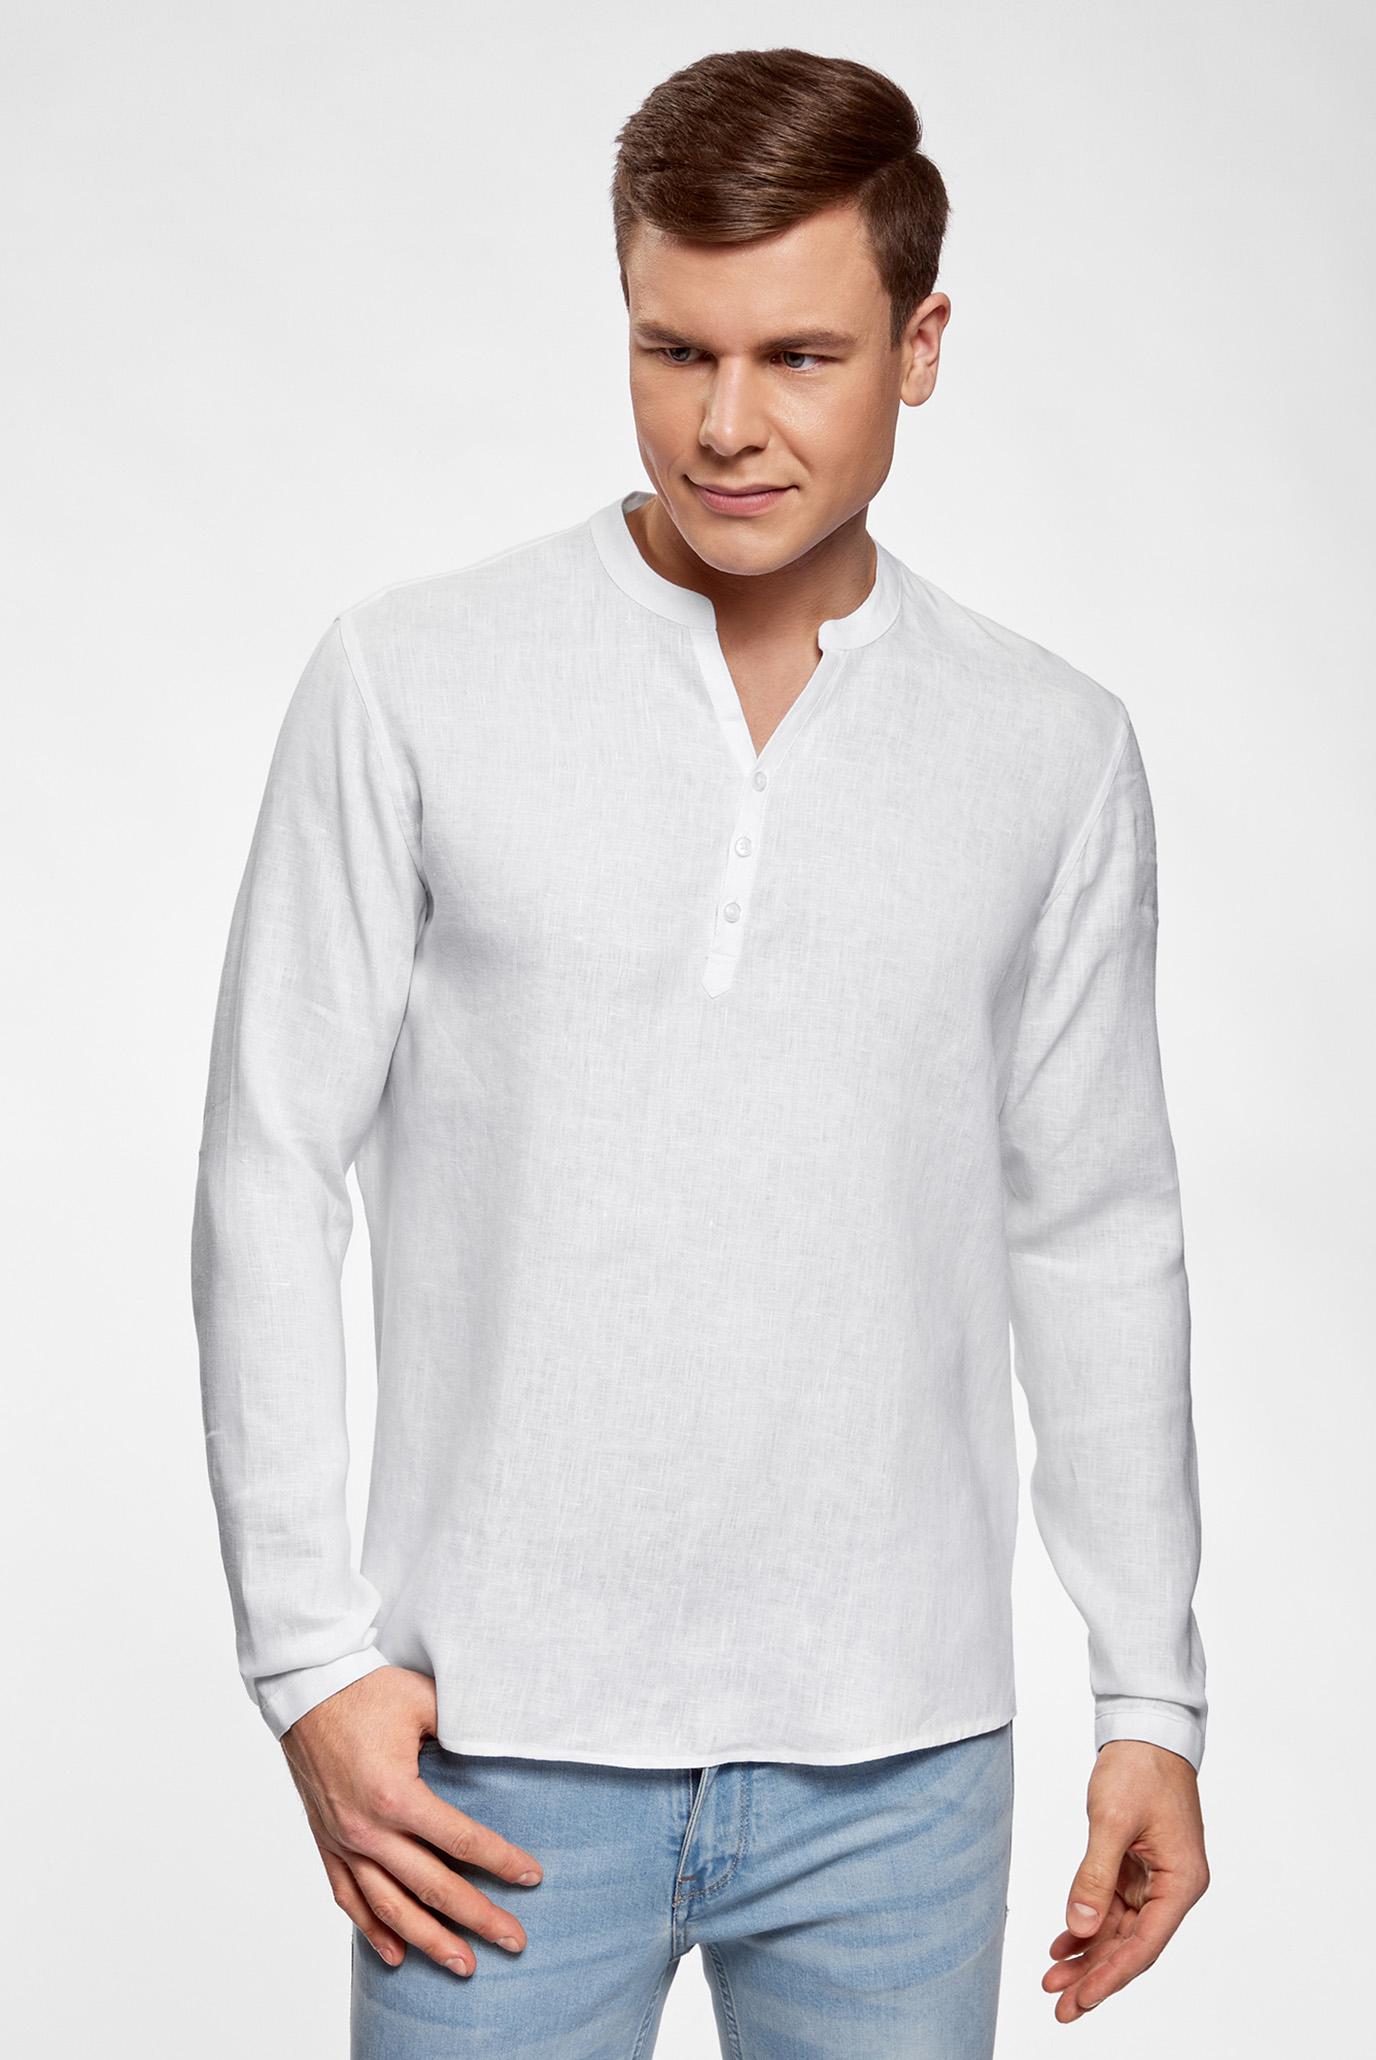 808bbf89ebd Купить Мужская белая льняная рубашка без воротника Oodji Oodji  3B320002M 21155N 1000N – Киев